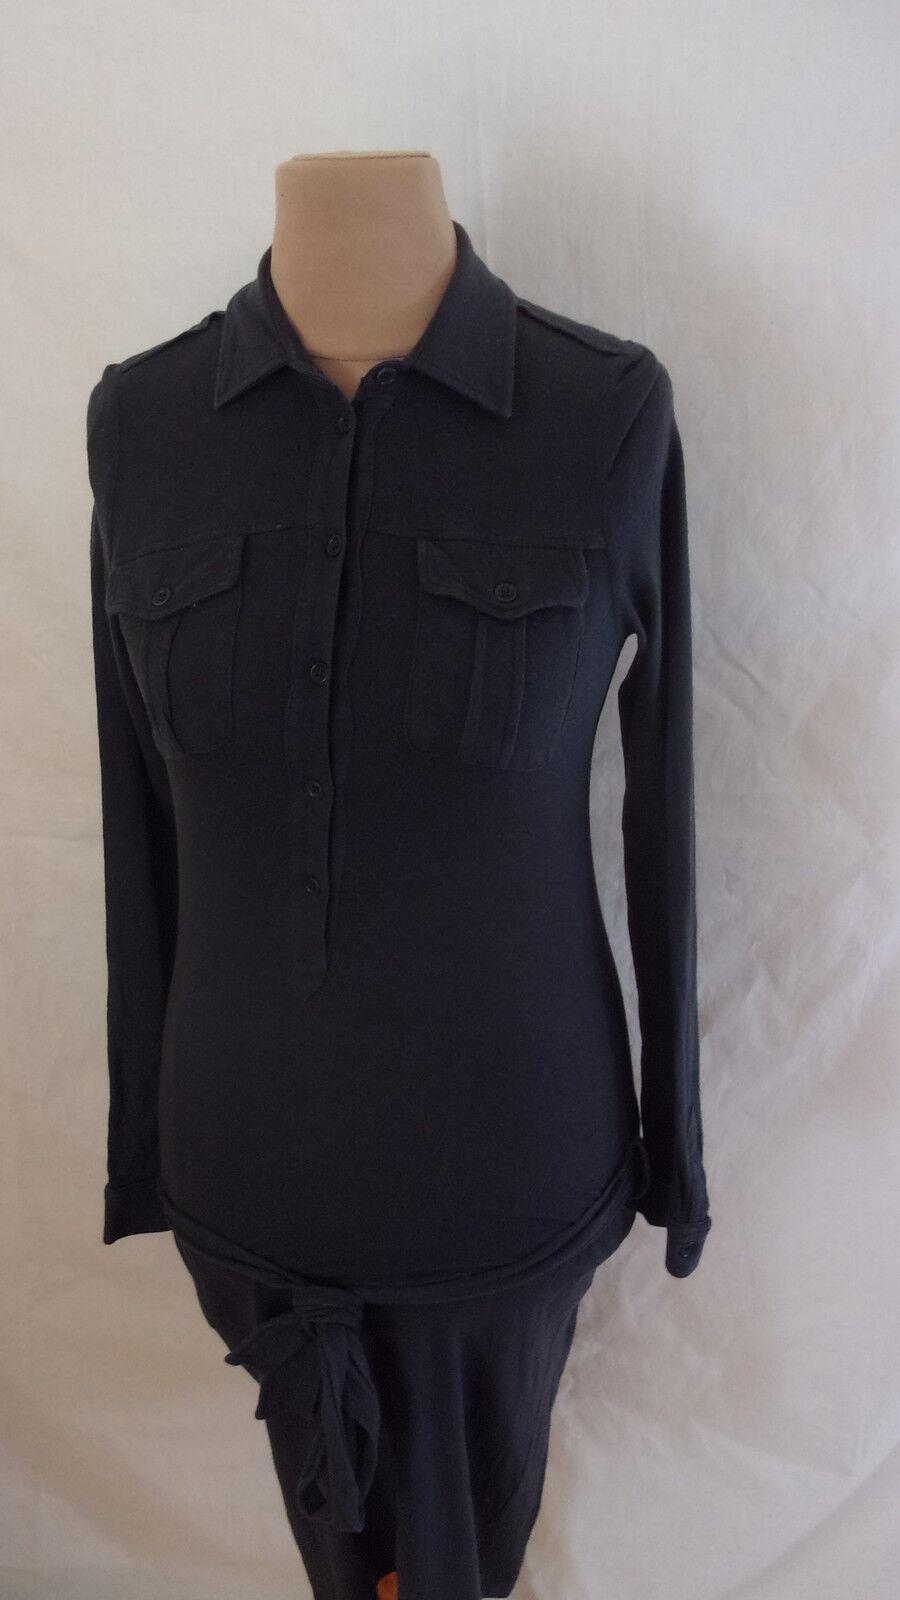 Dress Comptoir Des Cotonniers Savoir Size 36 à - 66%